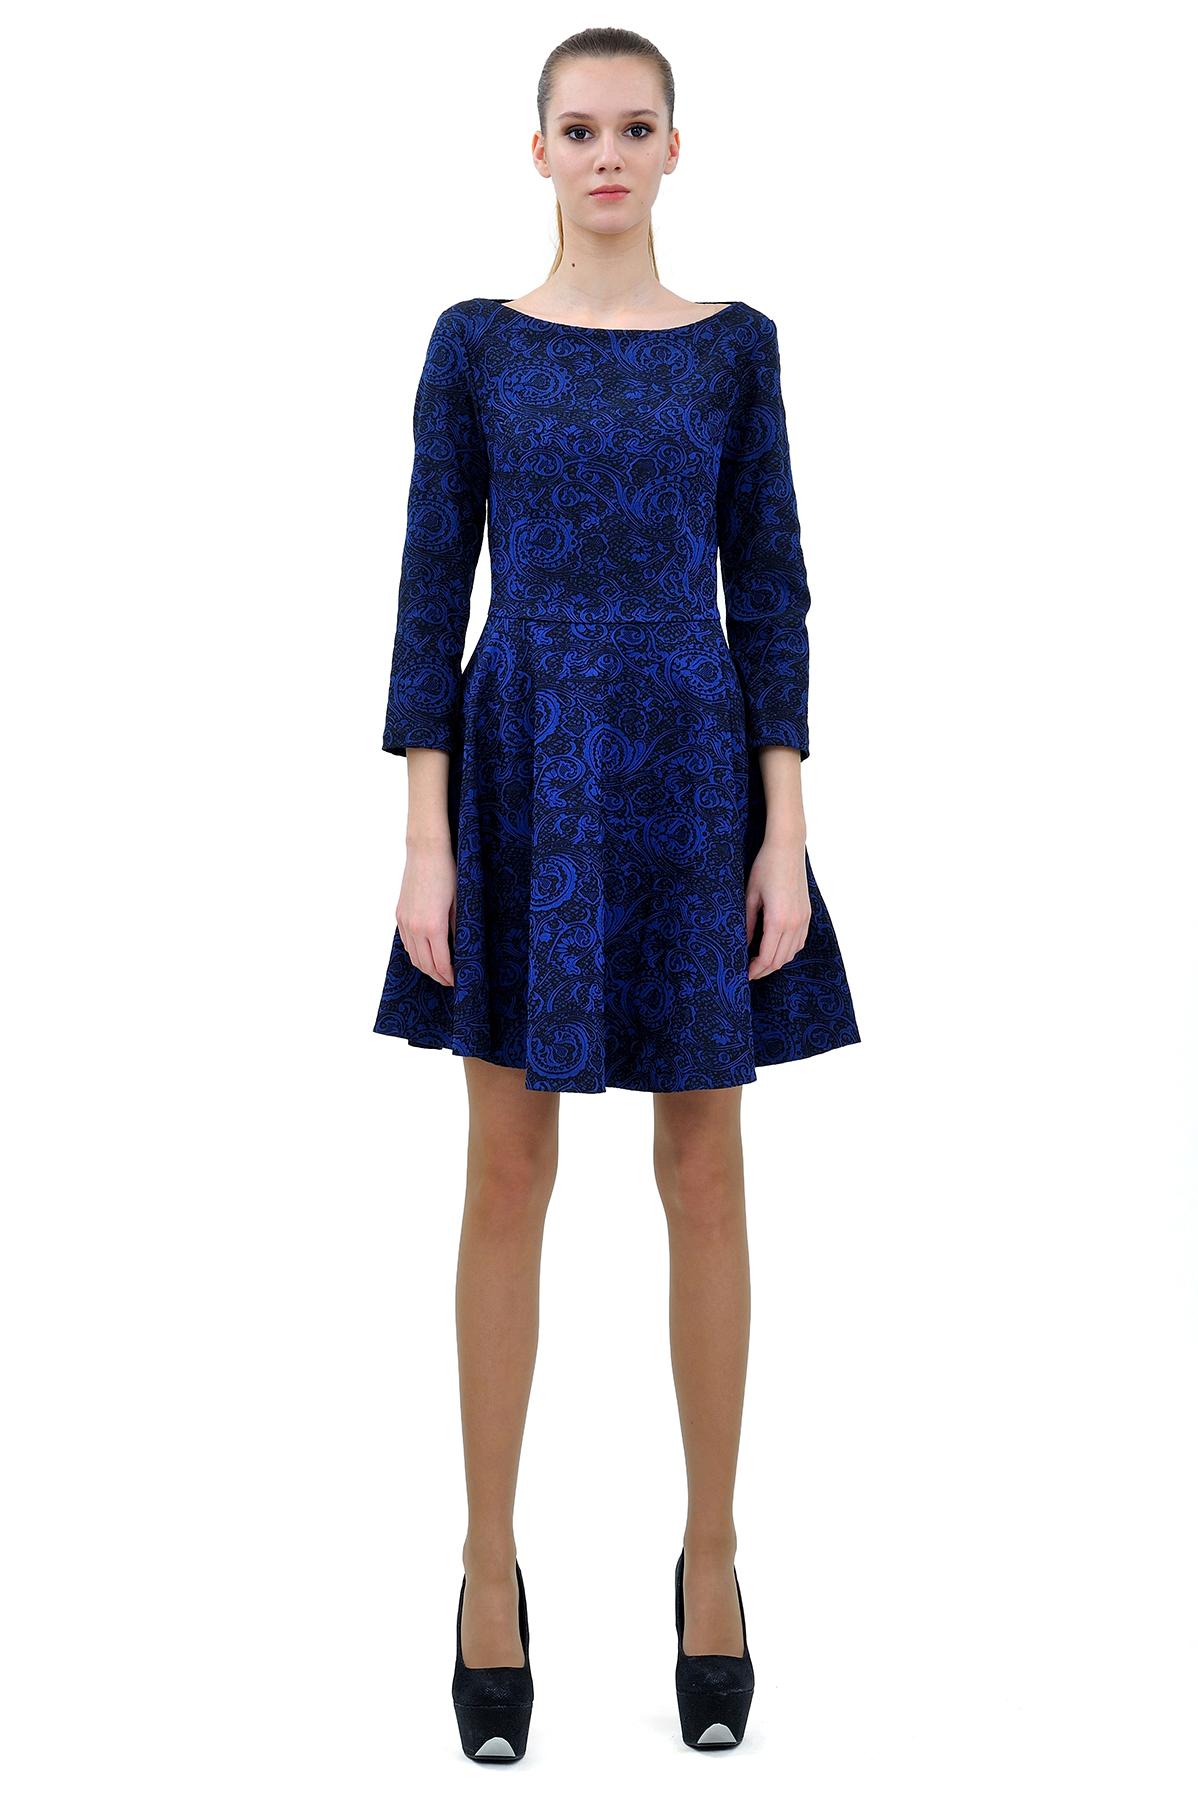 ПлатьеПлатья,  сарафаны<br>Привлекательное платье, выполненное из  жаккарда.  Изделие соблазнительной длины подчеркнет стройность и красоту Ваших ног. <br><br>Цвет: синий<br>Состав: хлопок 65%,полиэстер 30%,лайкра 5%<br>Размер: 40,44,46,48<br>Страна дизайна: Россия<br>Страна производства: Россия